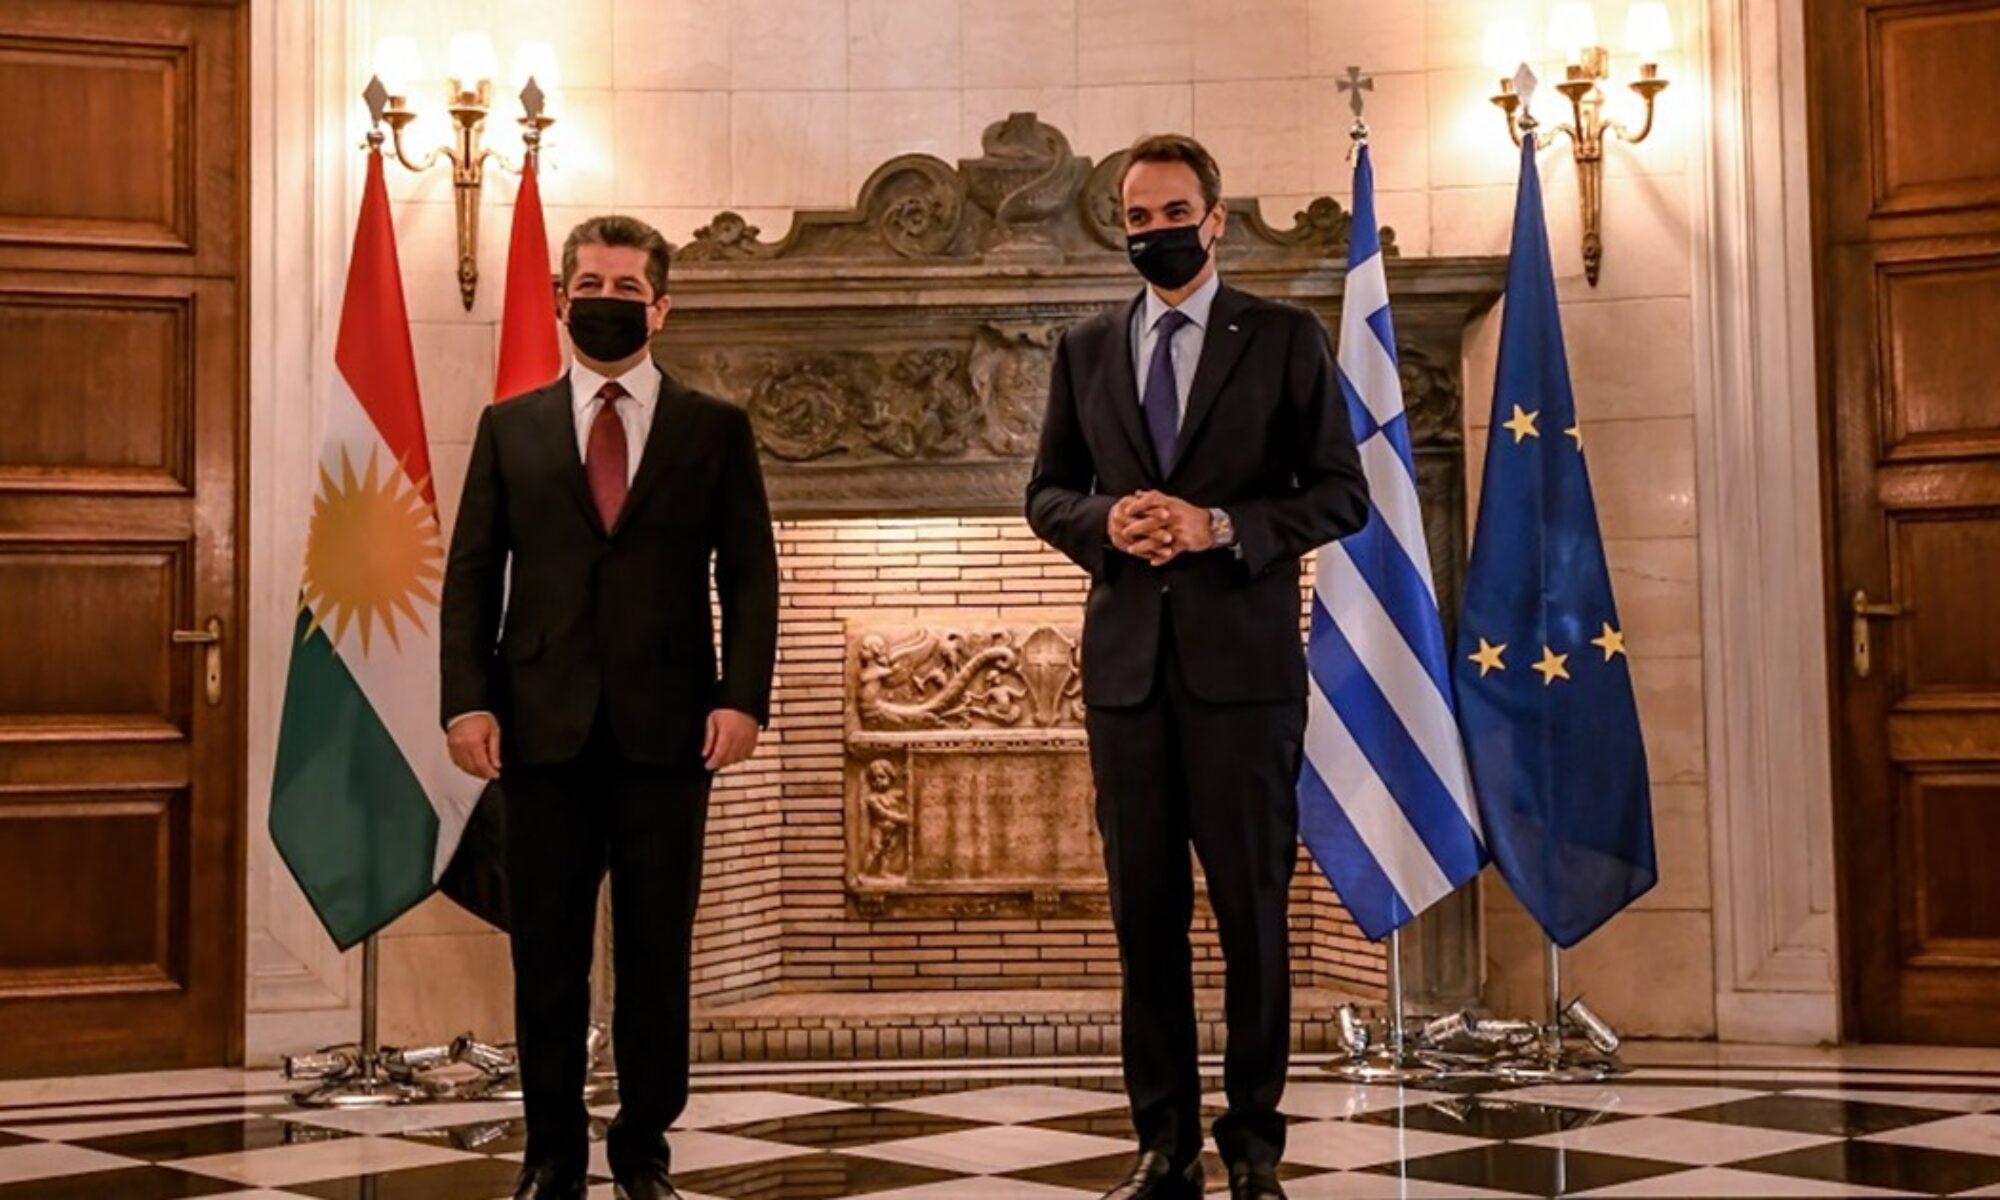 Başbakan Mesrur Barzani'nin ziyaretinin sonuçları; Yunan Başbakanı ve yatırımcılar Erbile geliyor